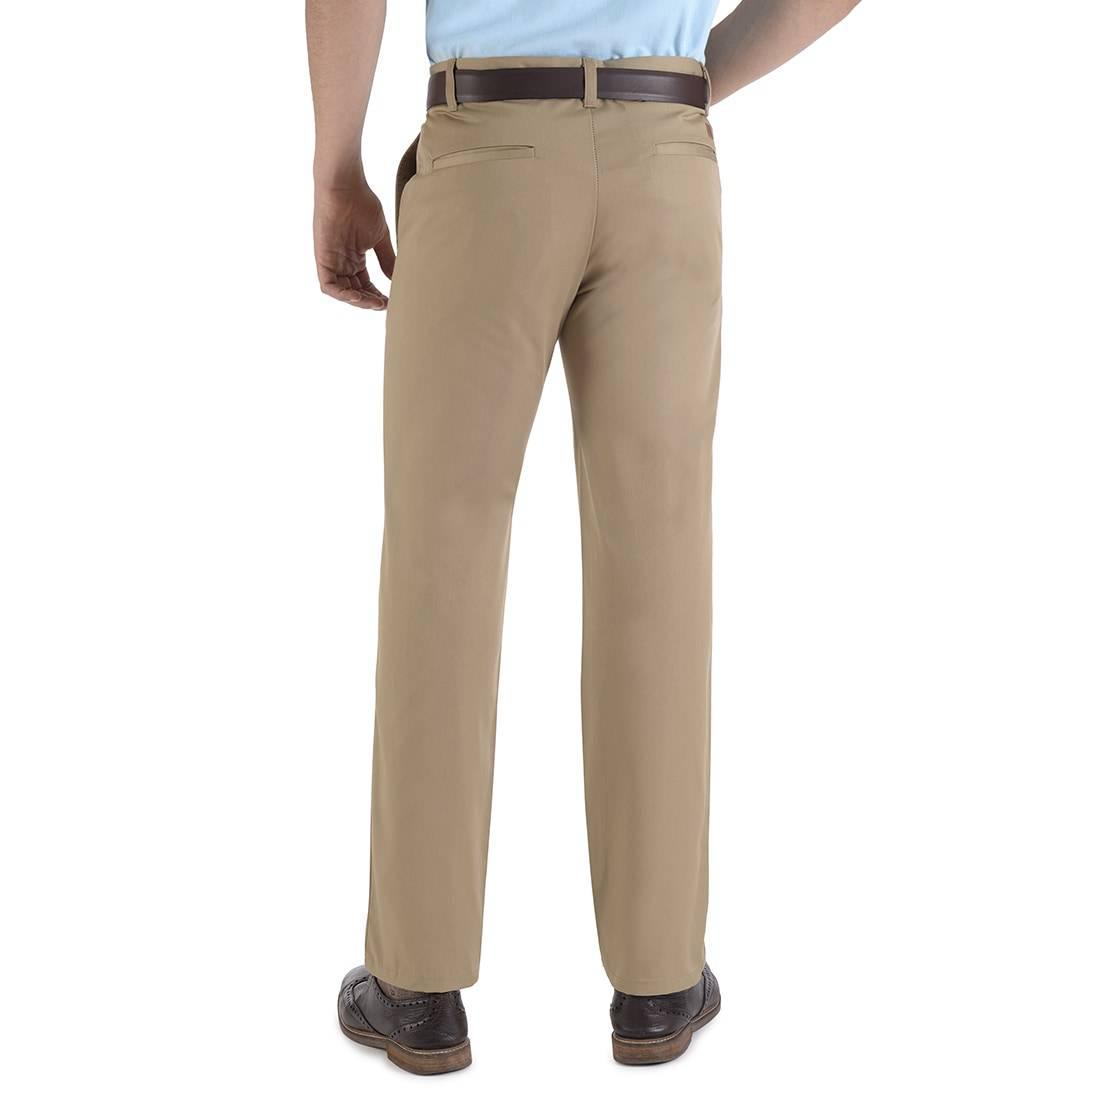 010920418967-02-Pantalon-Casual-Slim-Fit-Kaki-yale